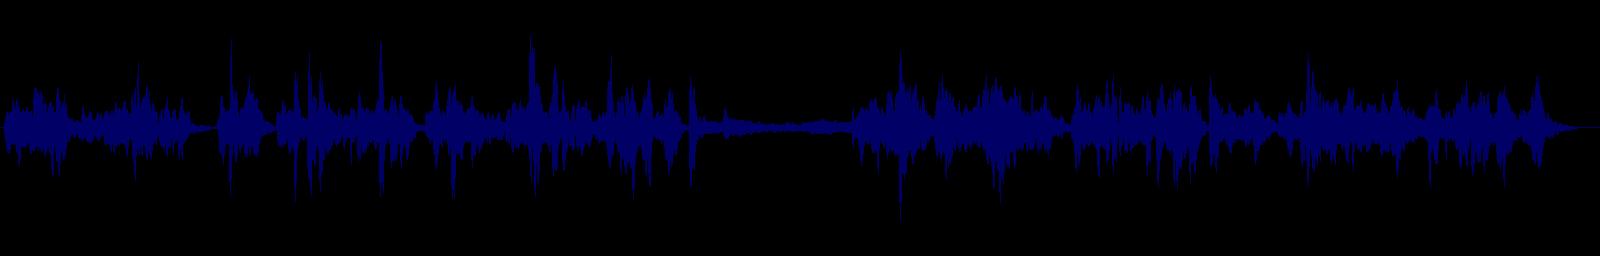 waveform of track #144433